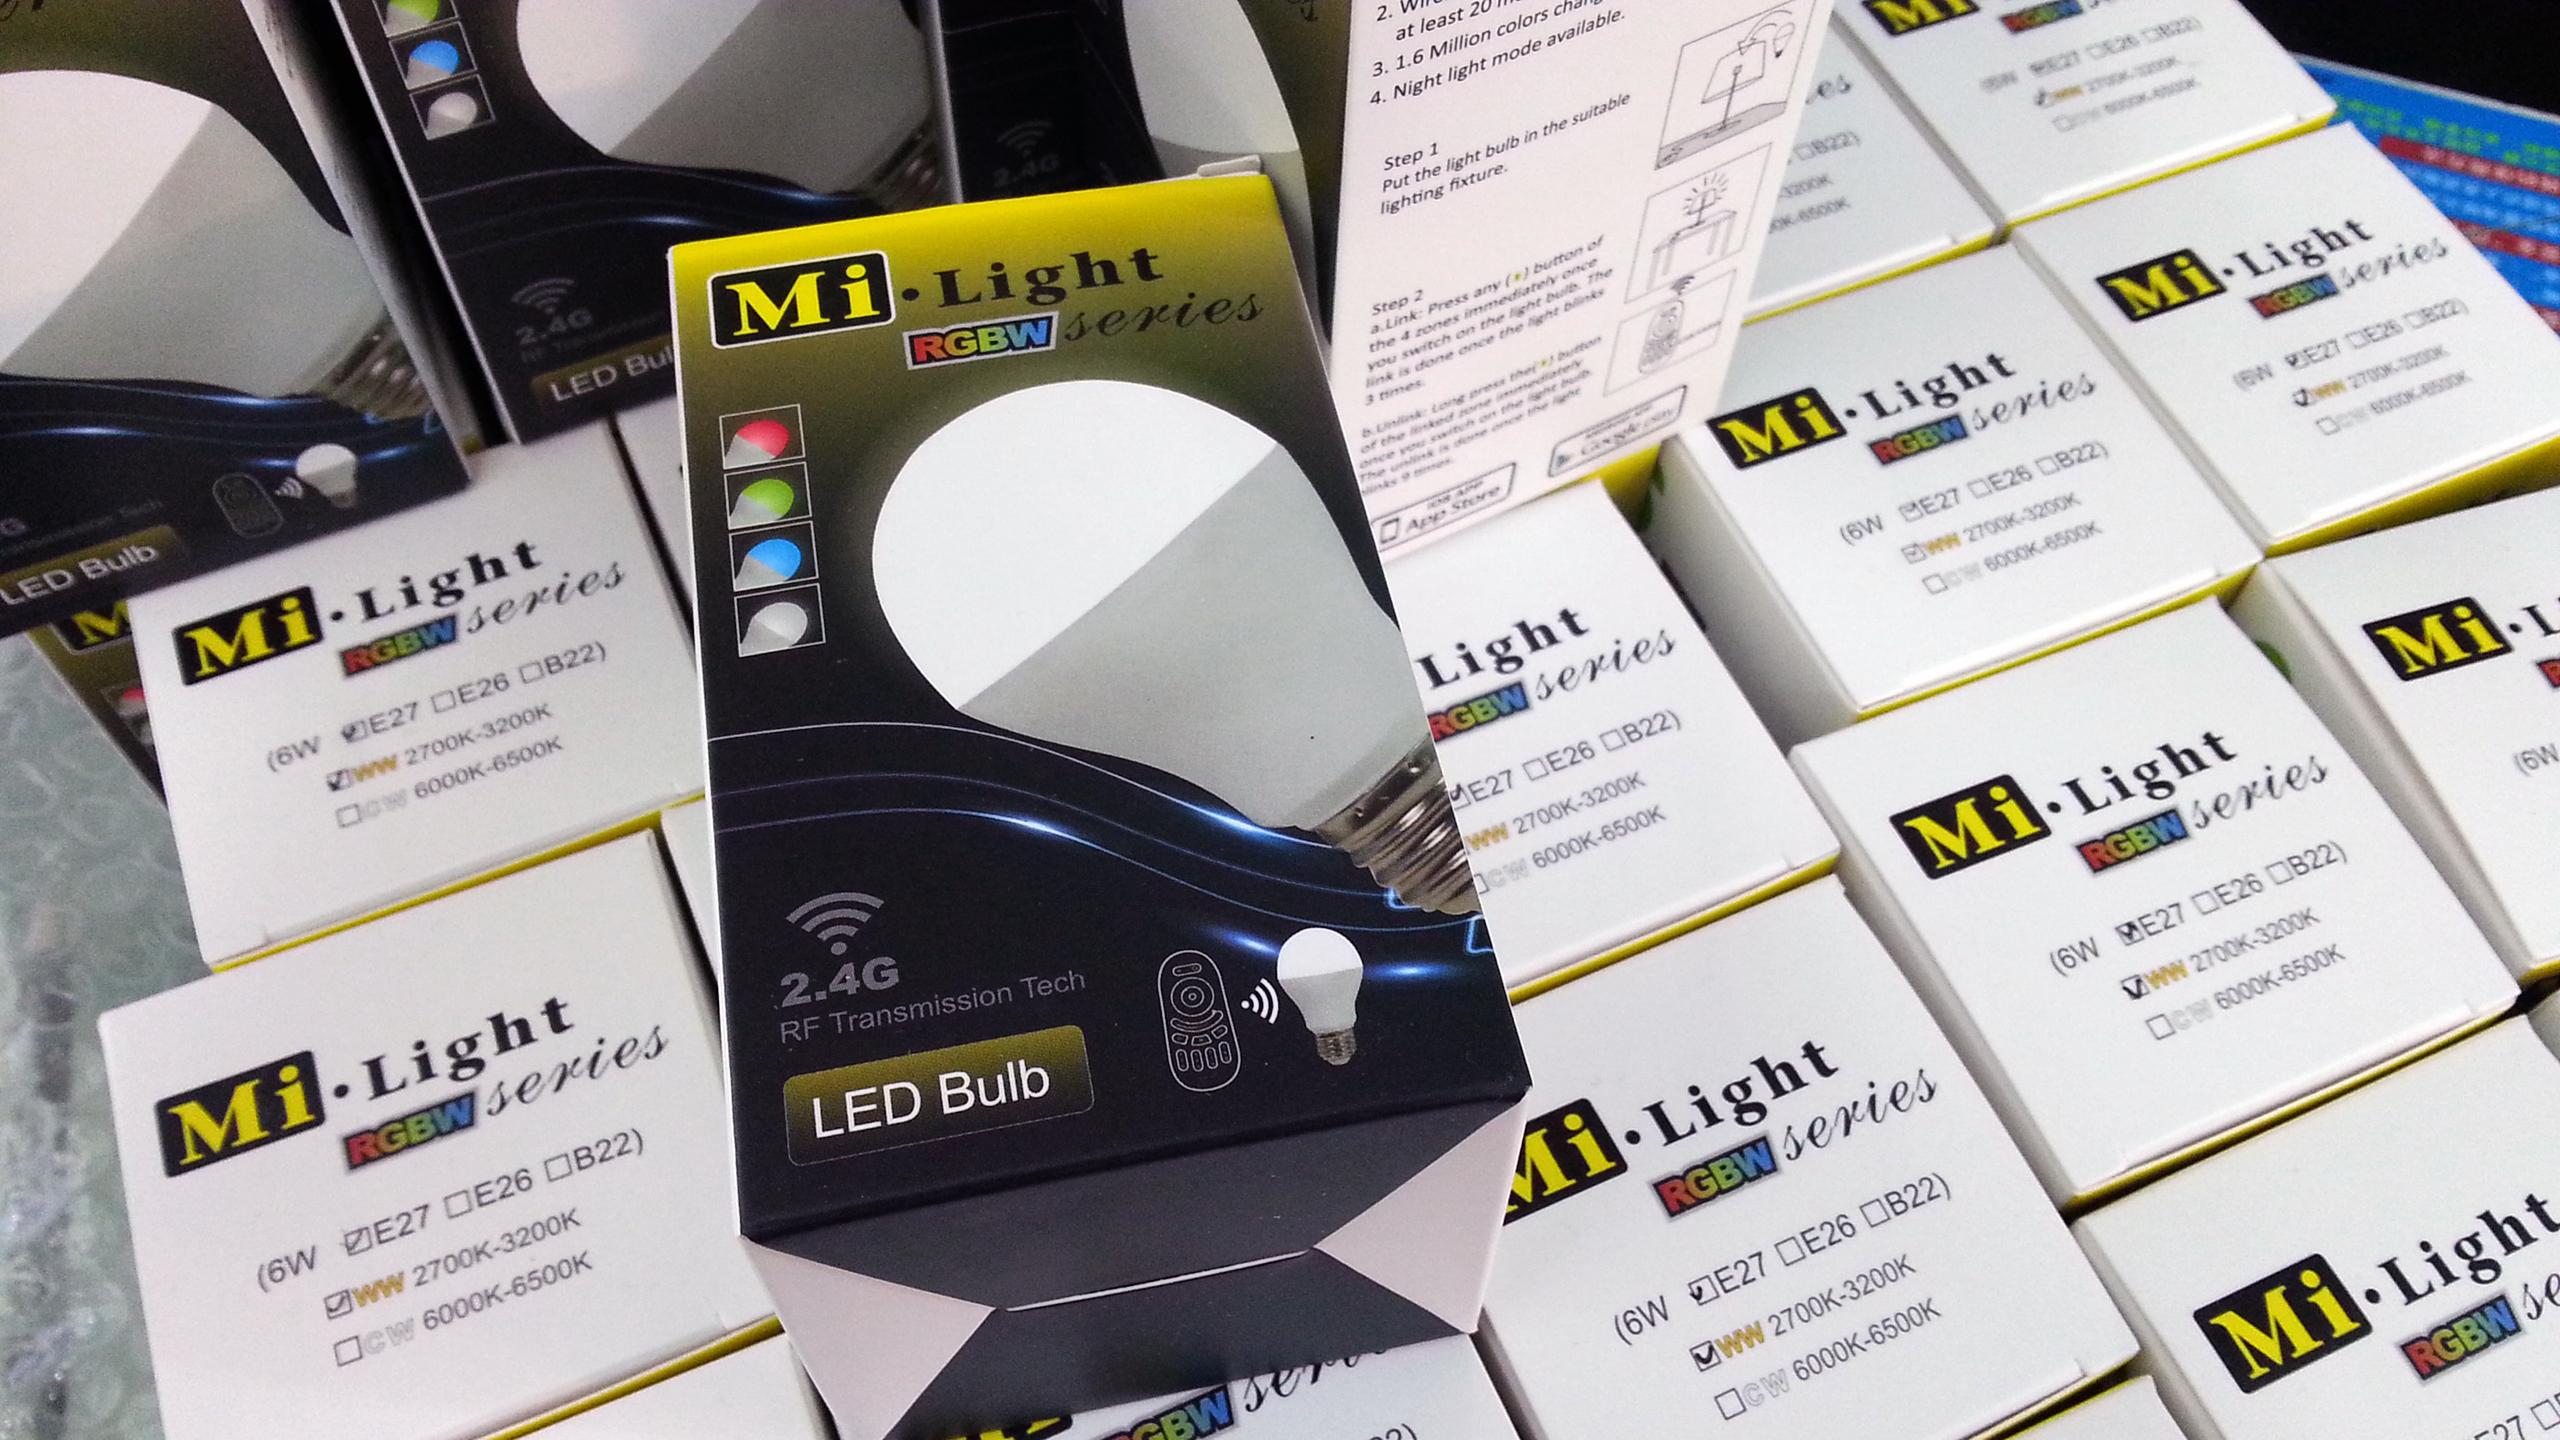 RF_WiFi_control_6W_RGBW_LED_bulb